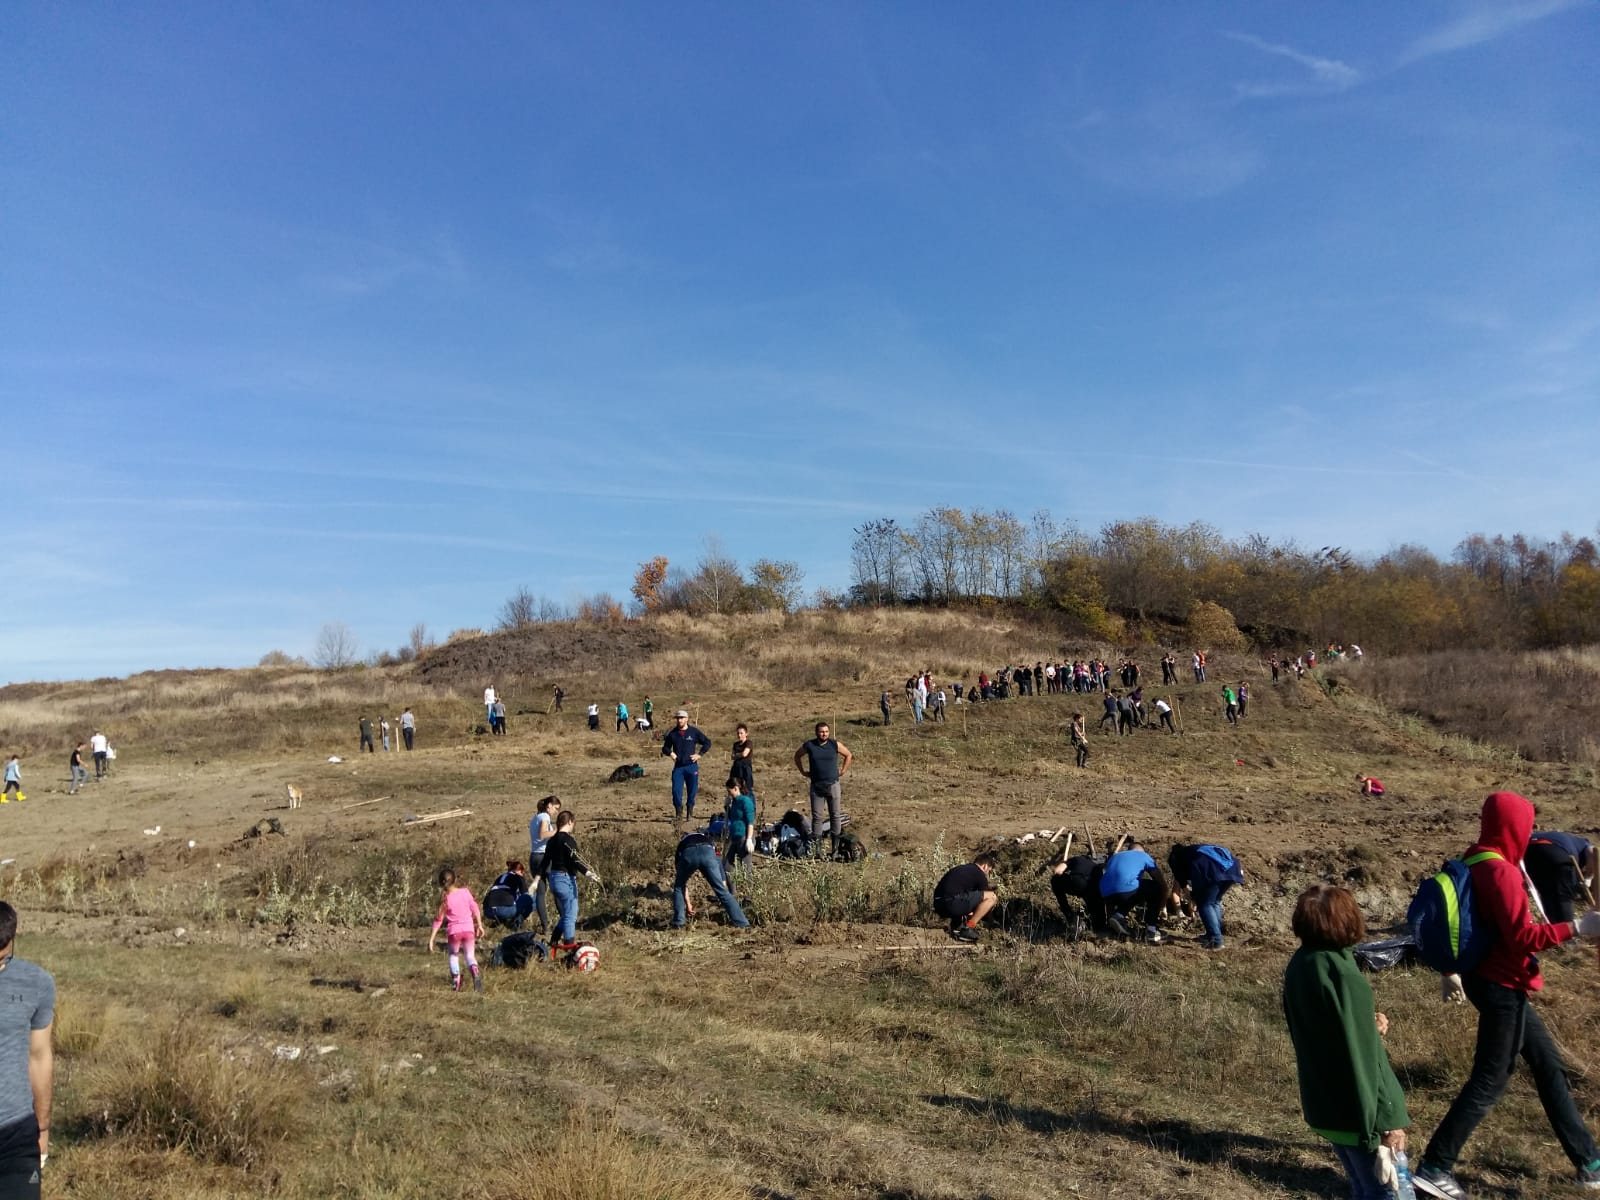 Preocupare pentru mediu. Plantăm Fapte Bune în România